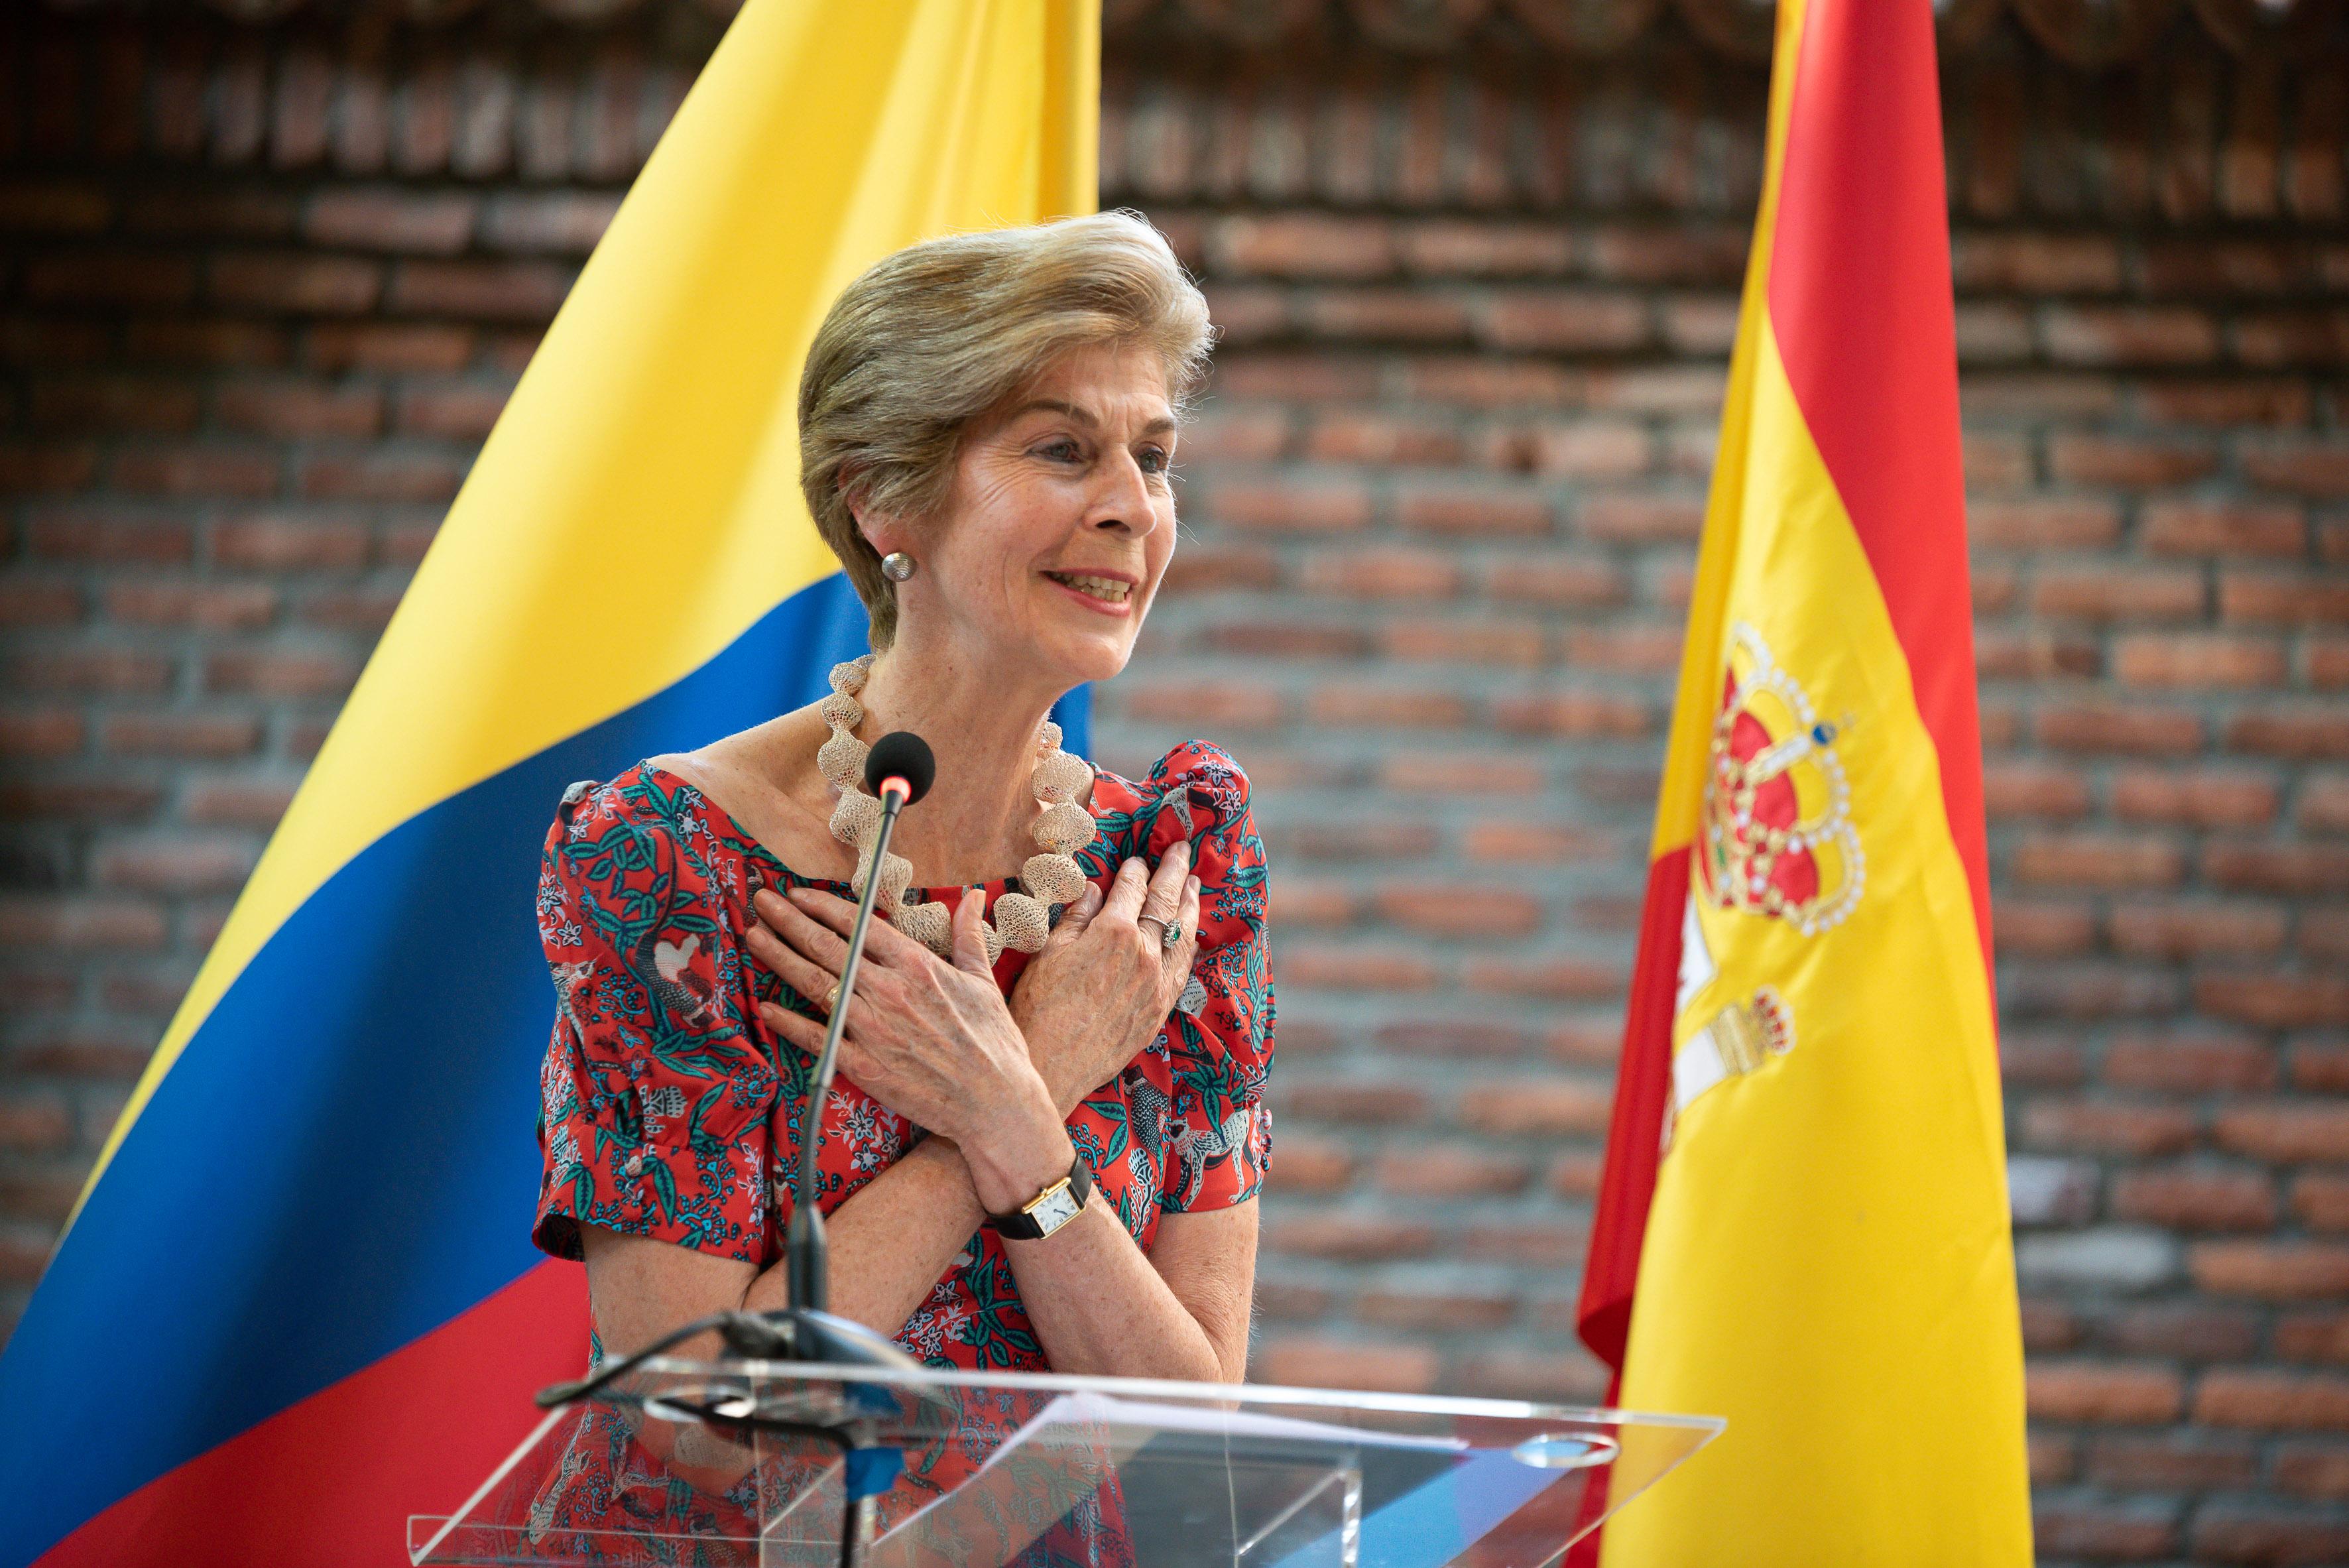 Con un concierto dedicado al agradecimiento y la solidaridad la Embajadora en España, Carolina Barco, conmemoró el Dia Nacional de Colombia